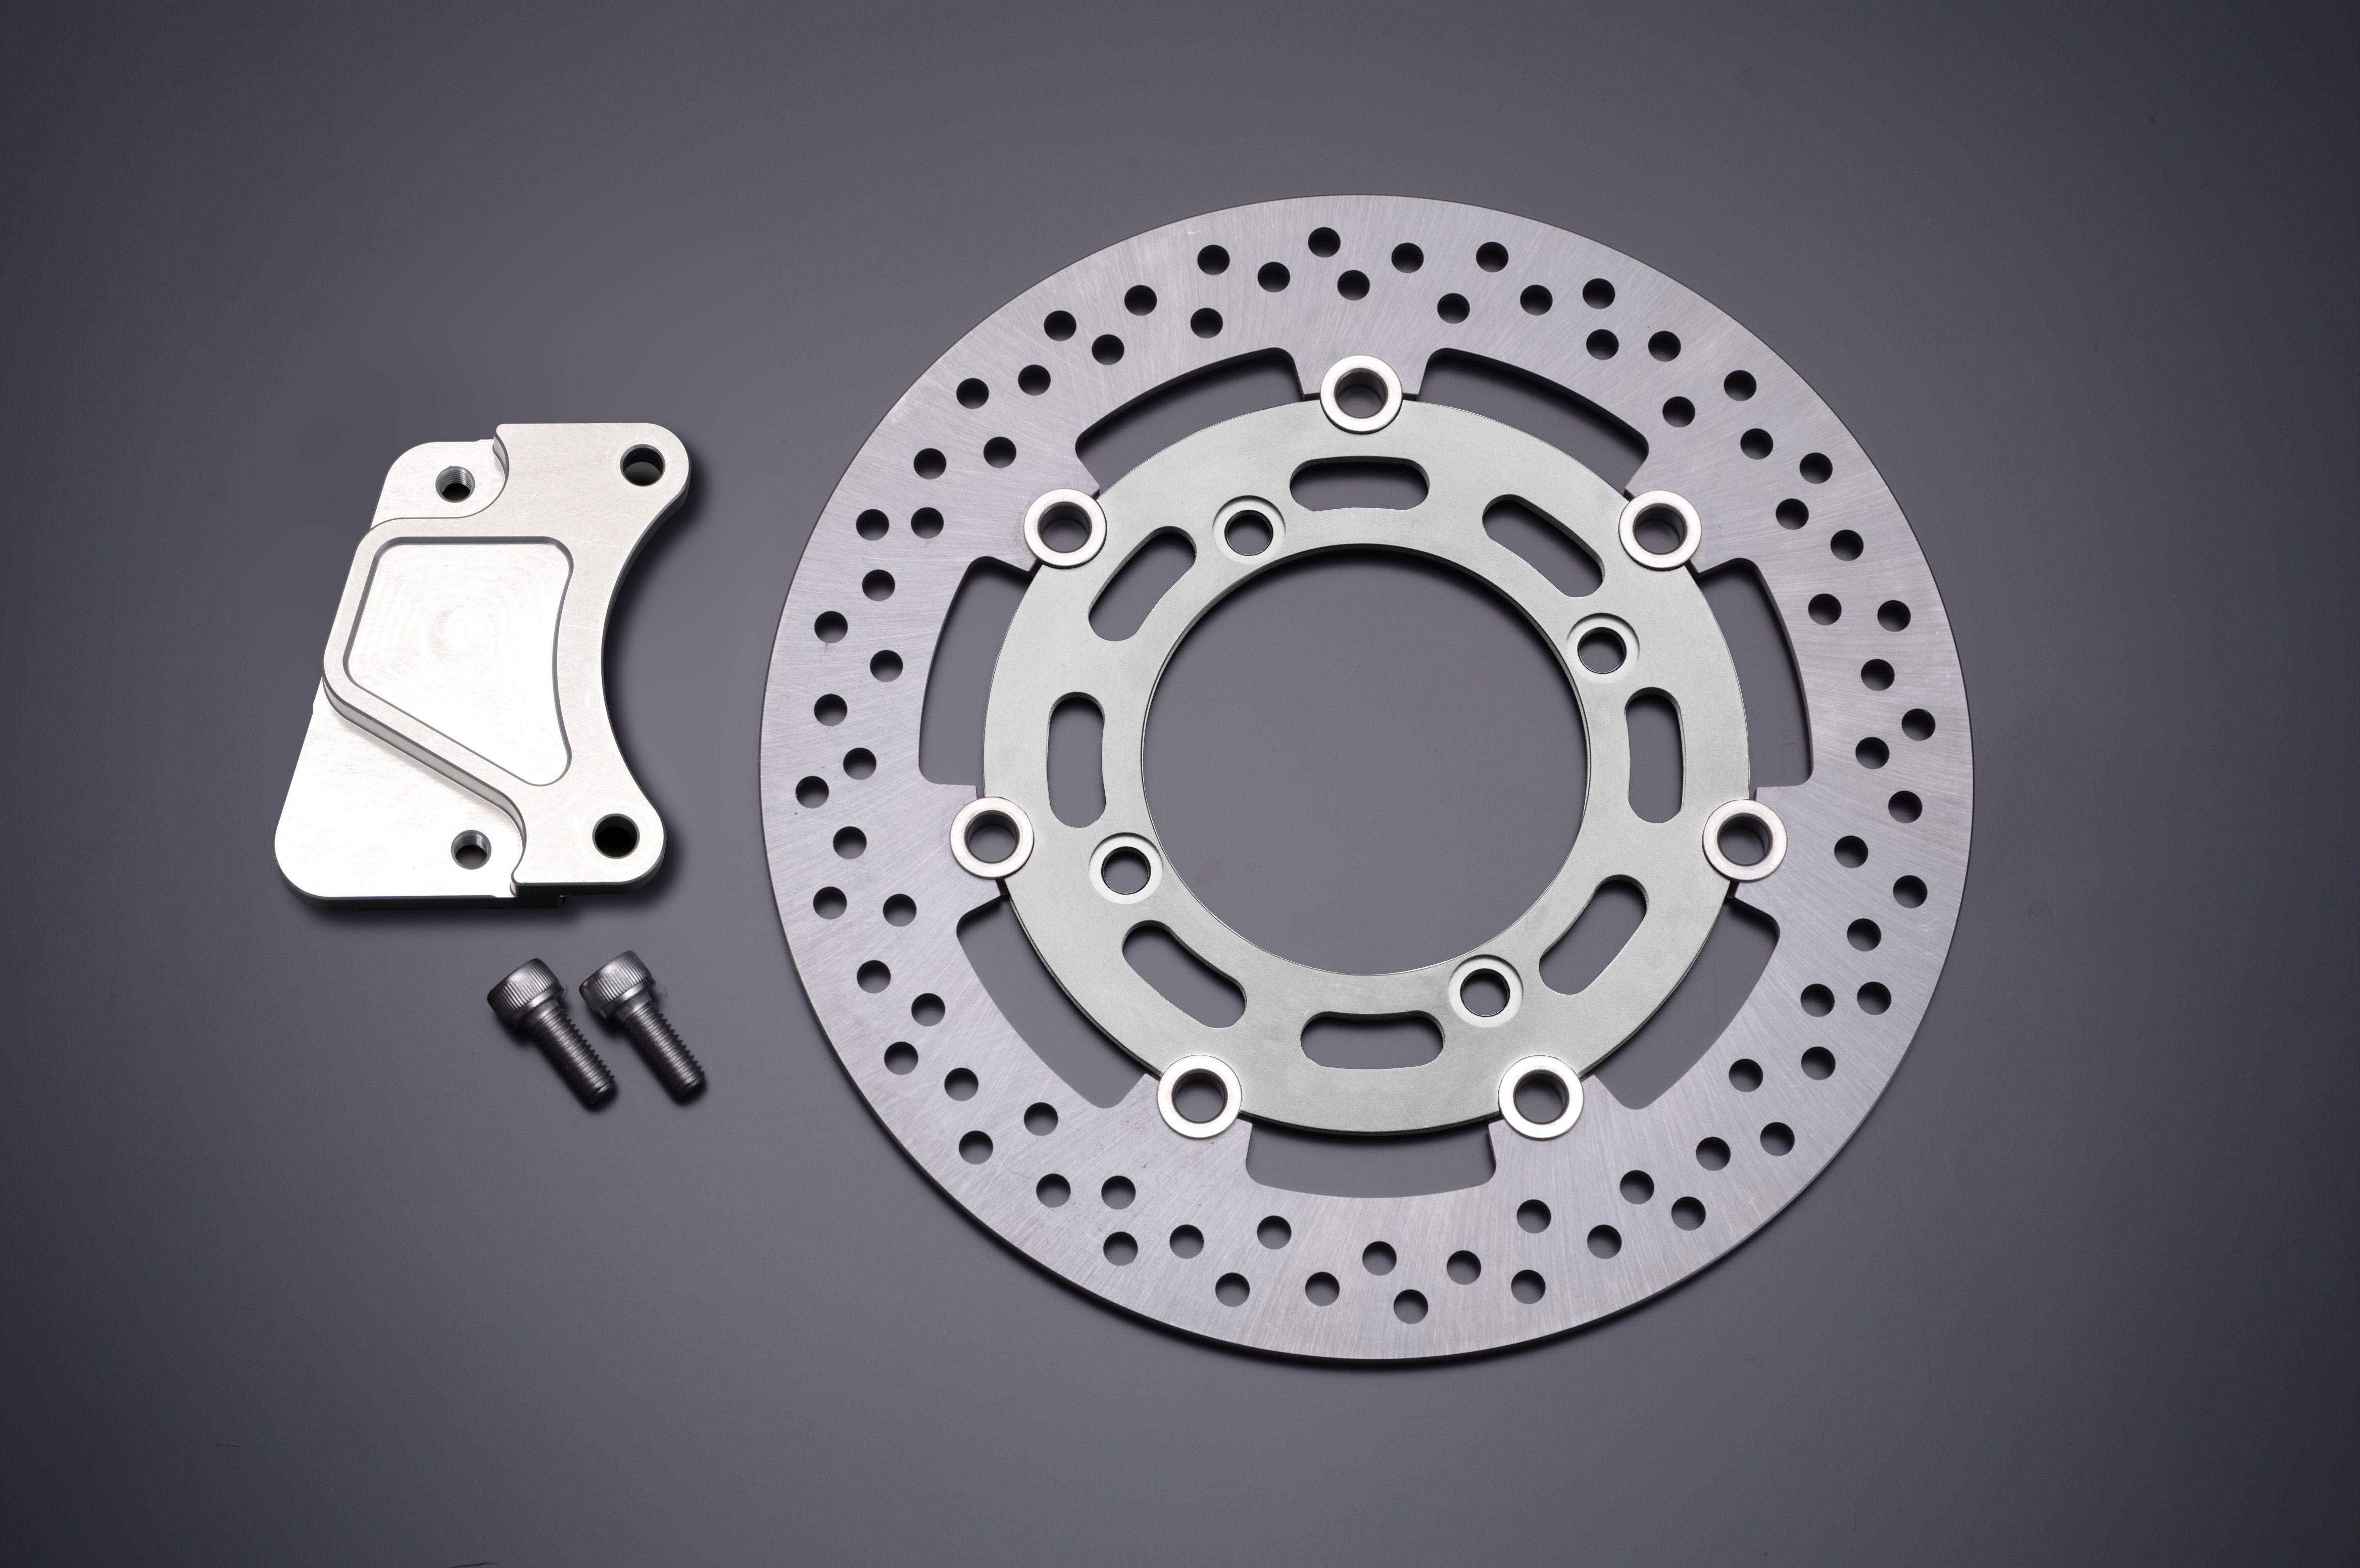 Φ285 煞車碟盤套件 Brembo用 (銀色) (40mm Pitch)